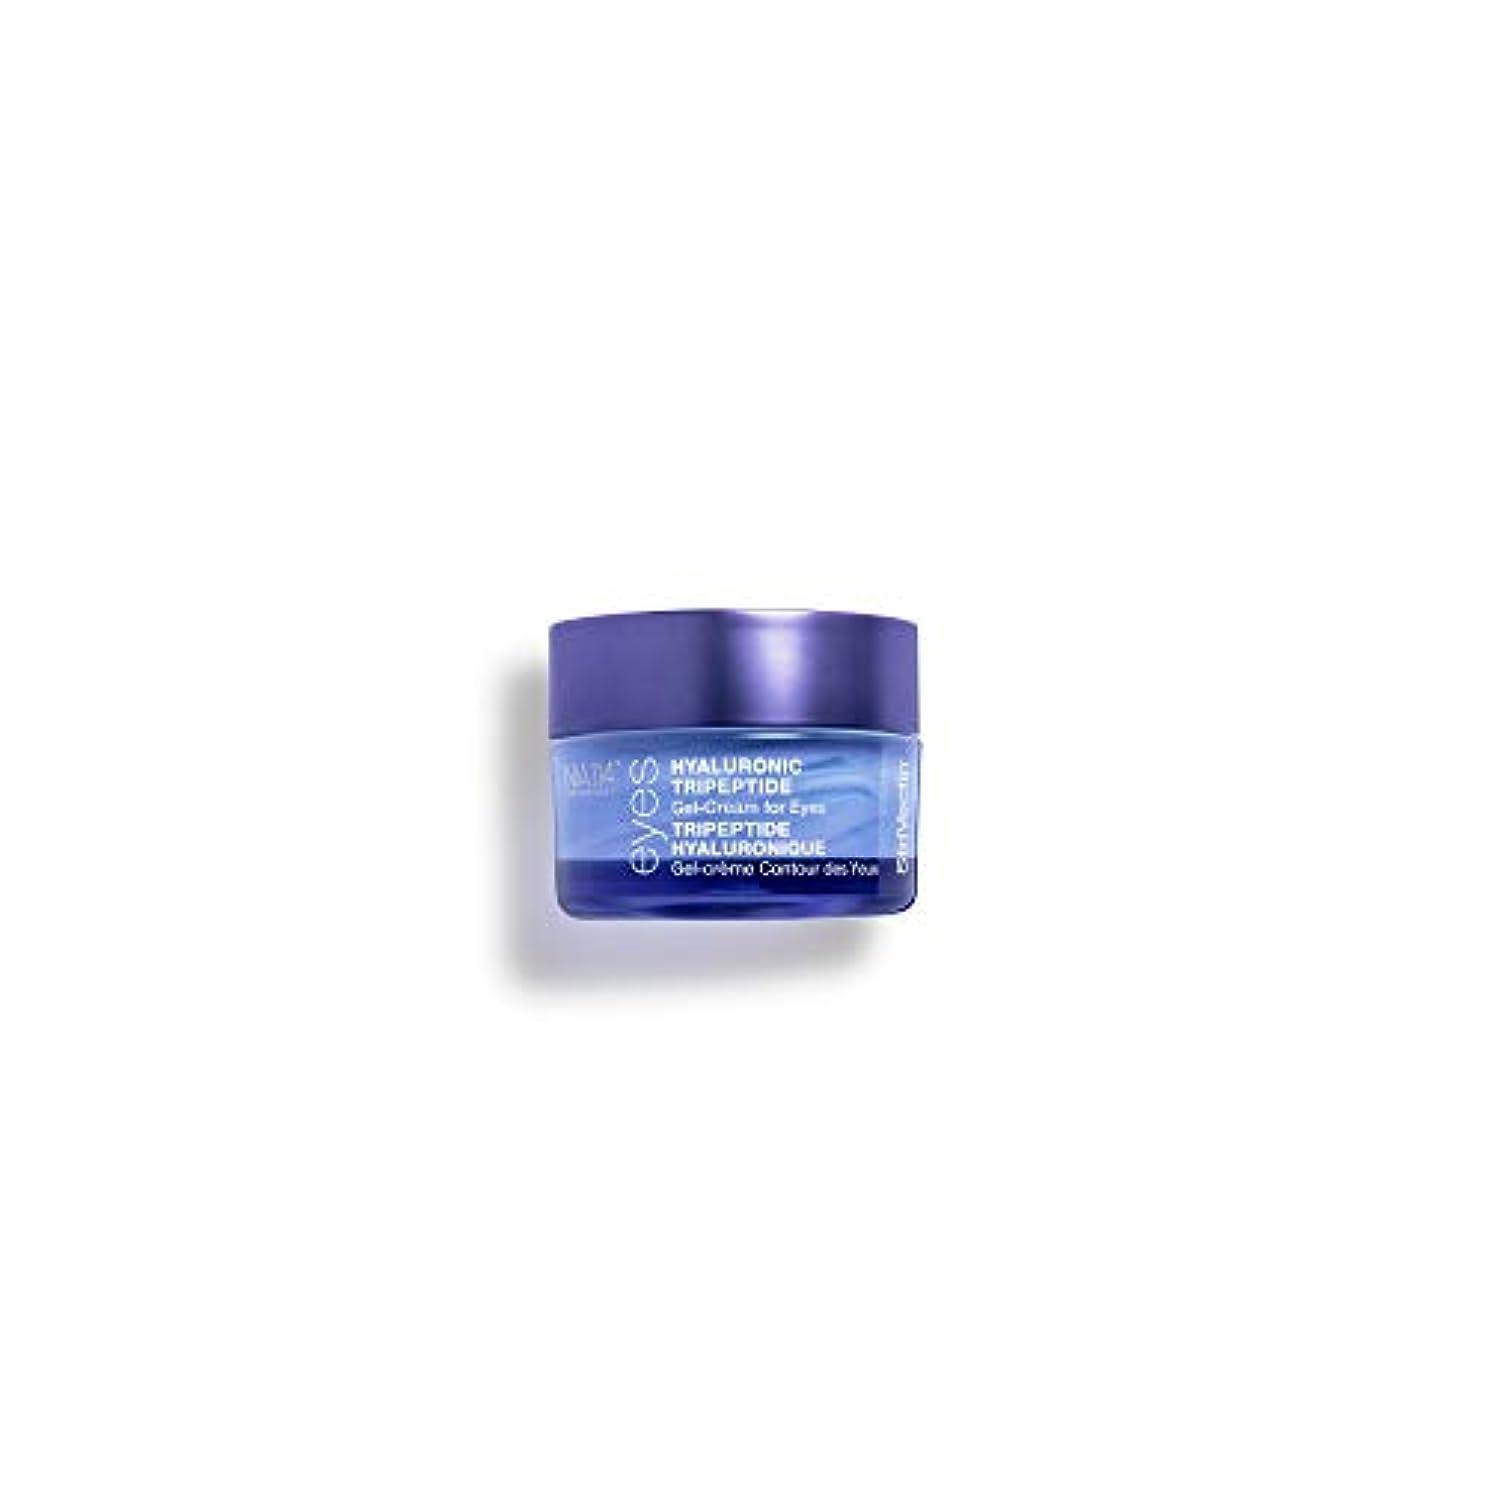 オズワルドやる出発するHyaluronic Tripeptide Gel-Cream for Eyes